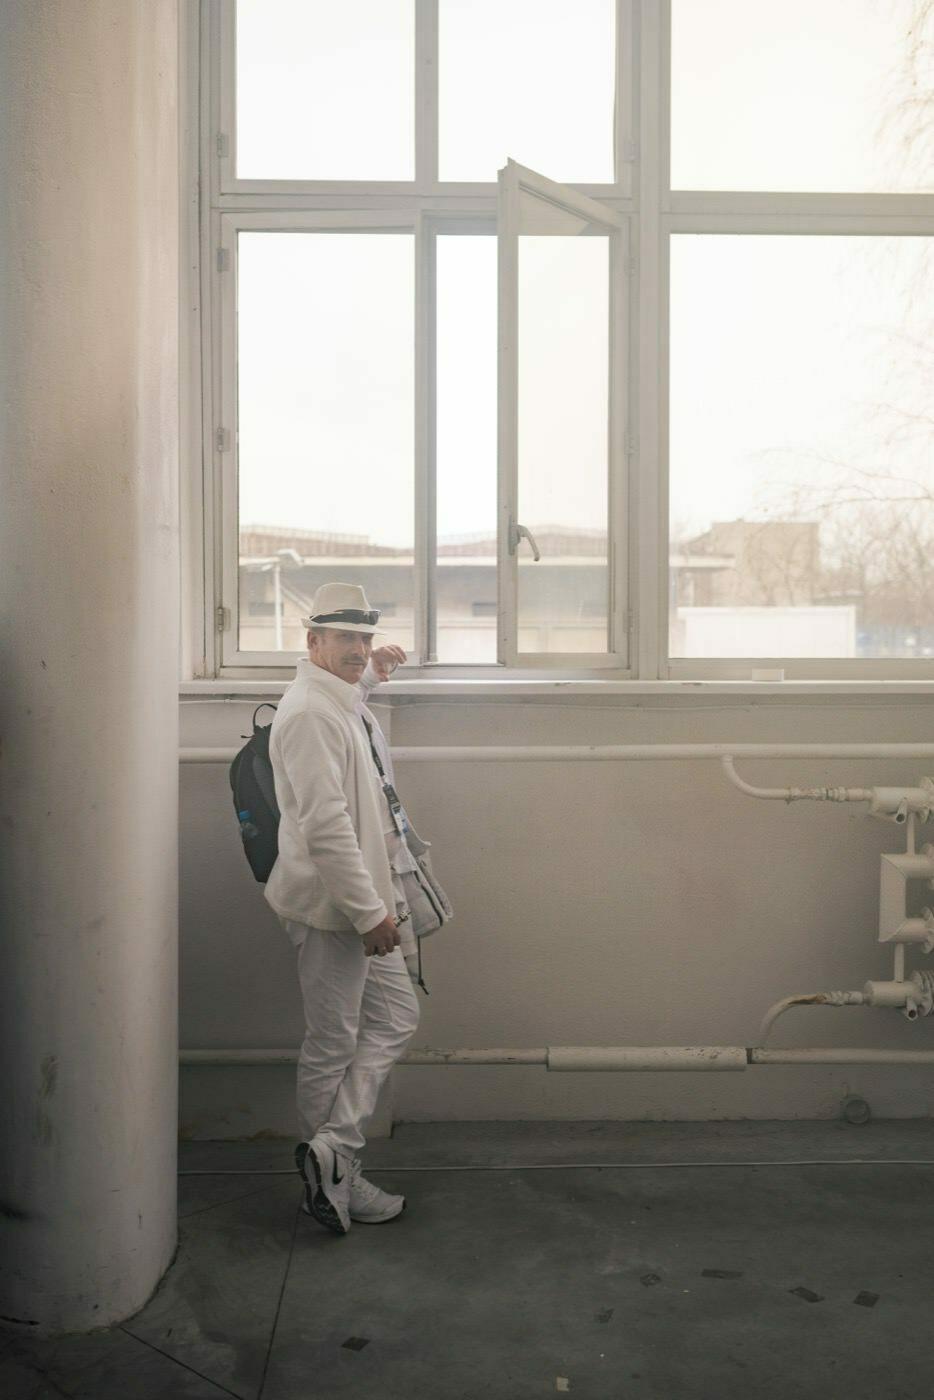 Męzcvzyzna w białych ubraniach i kapeluszu stoi przy oknie